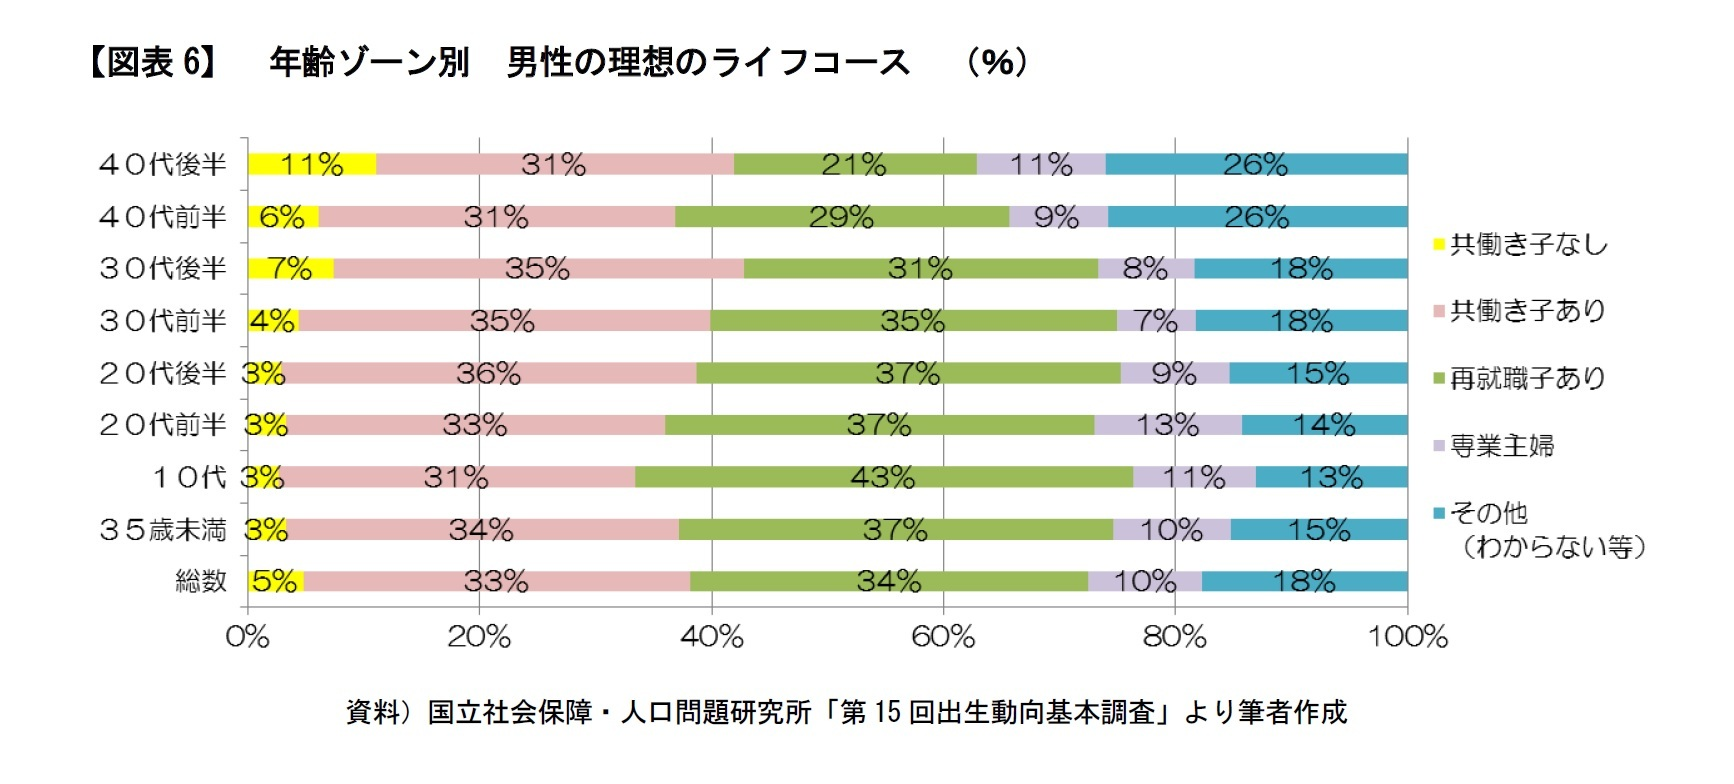 【図表6】 年齢ゾーン別 男性の理想のライフコース (%)